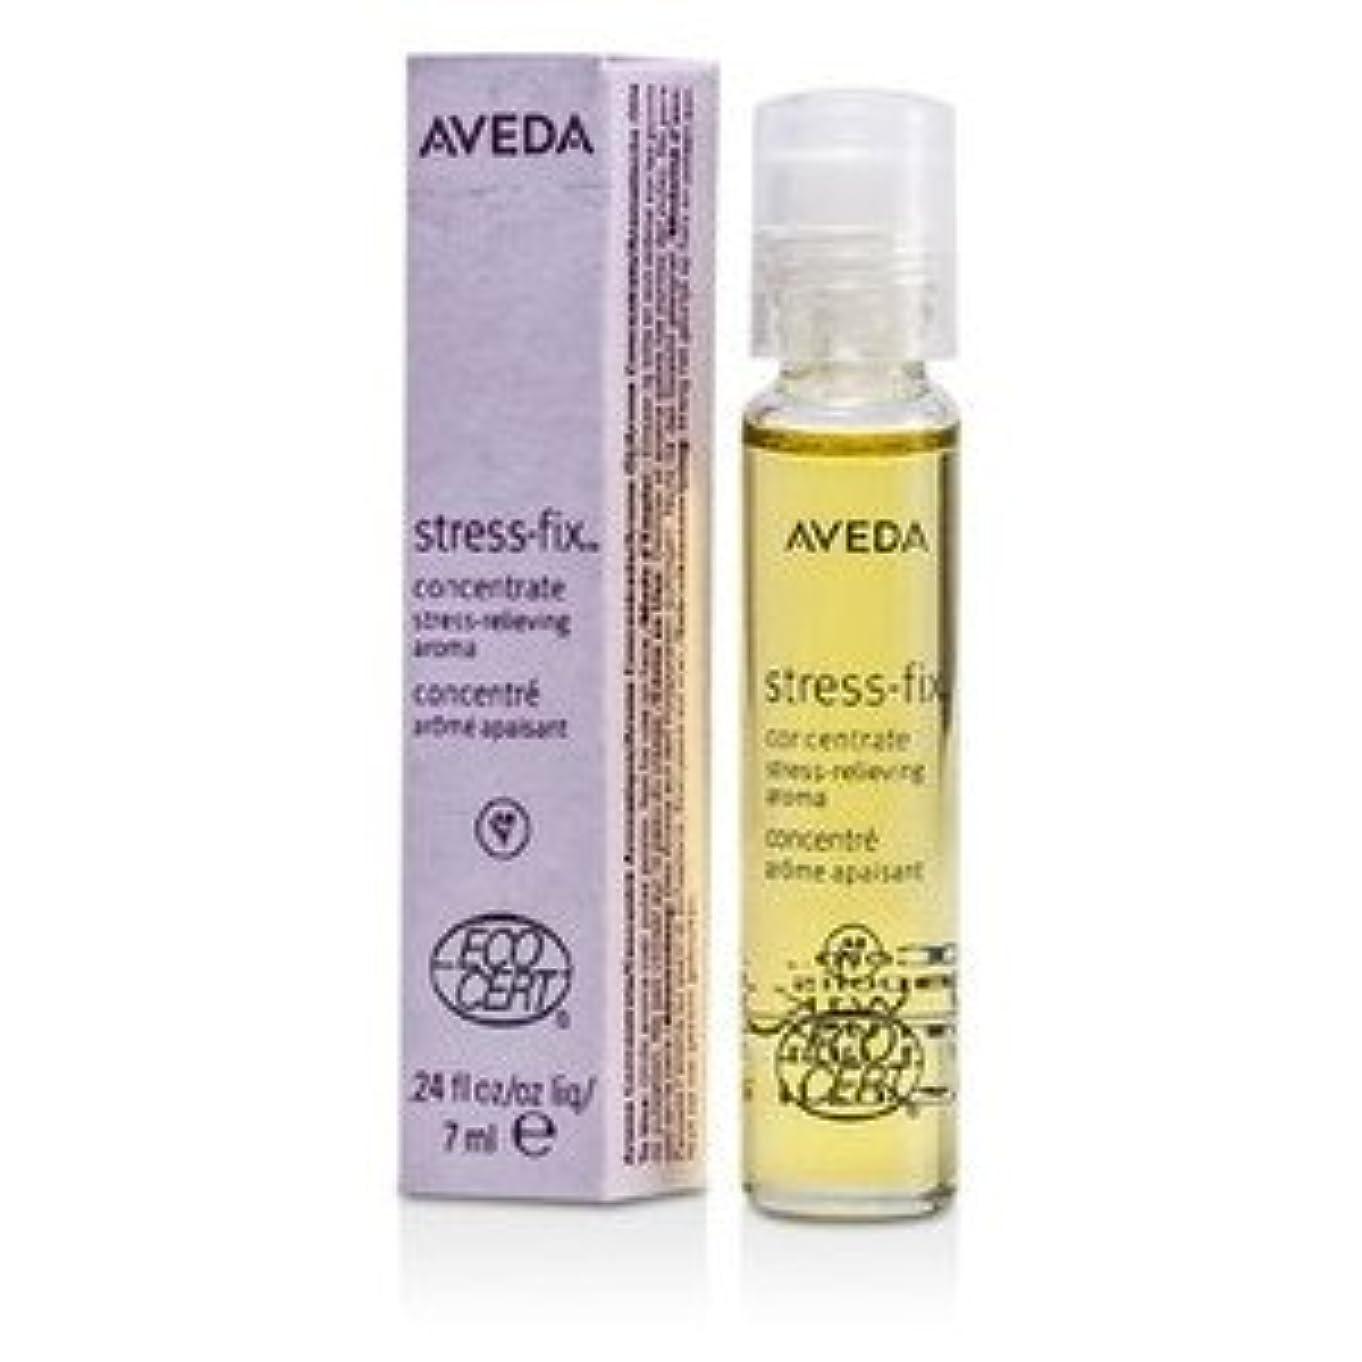 うっかり部分的に系統的Aveda(アヴェダ) ストレス Fix コンセントレイト 7ml/0.24oz [並行輸入品]